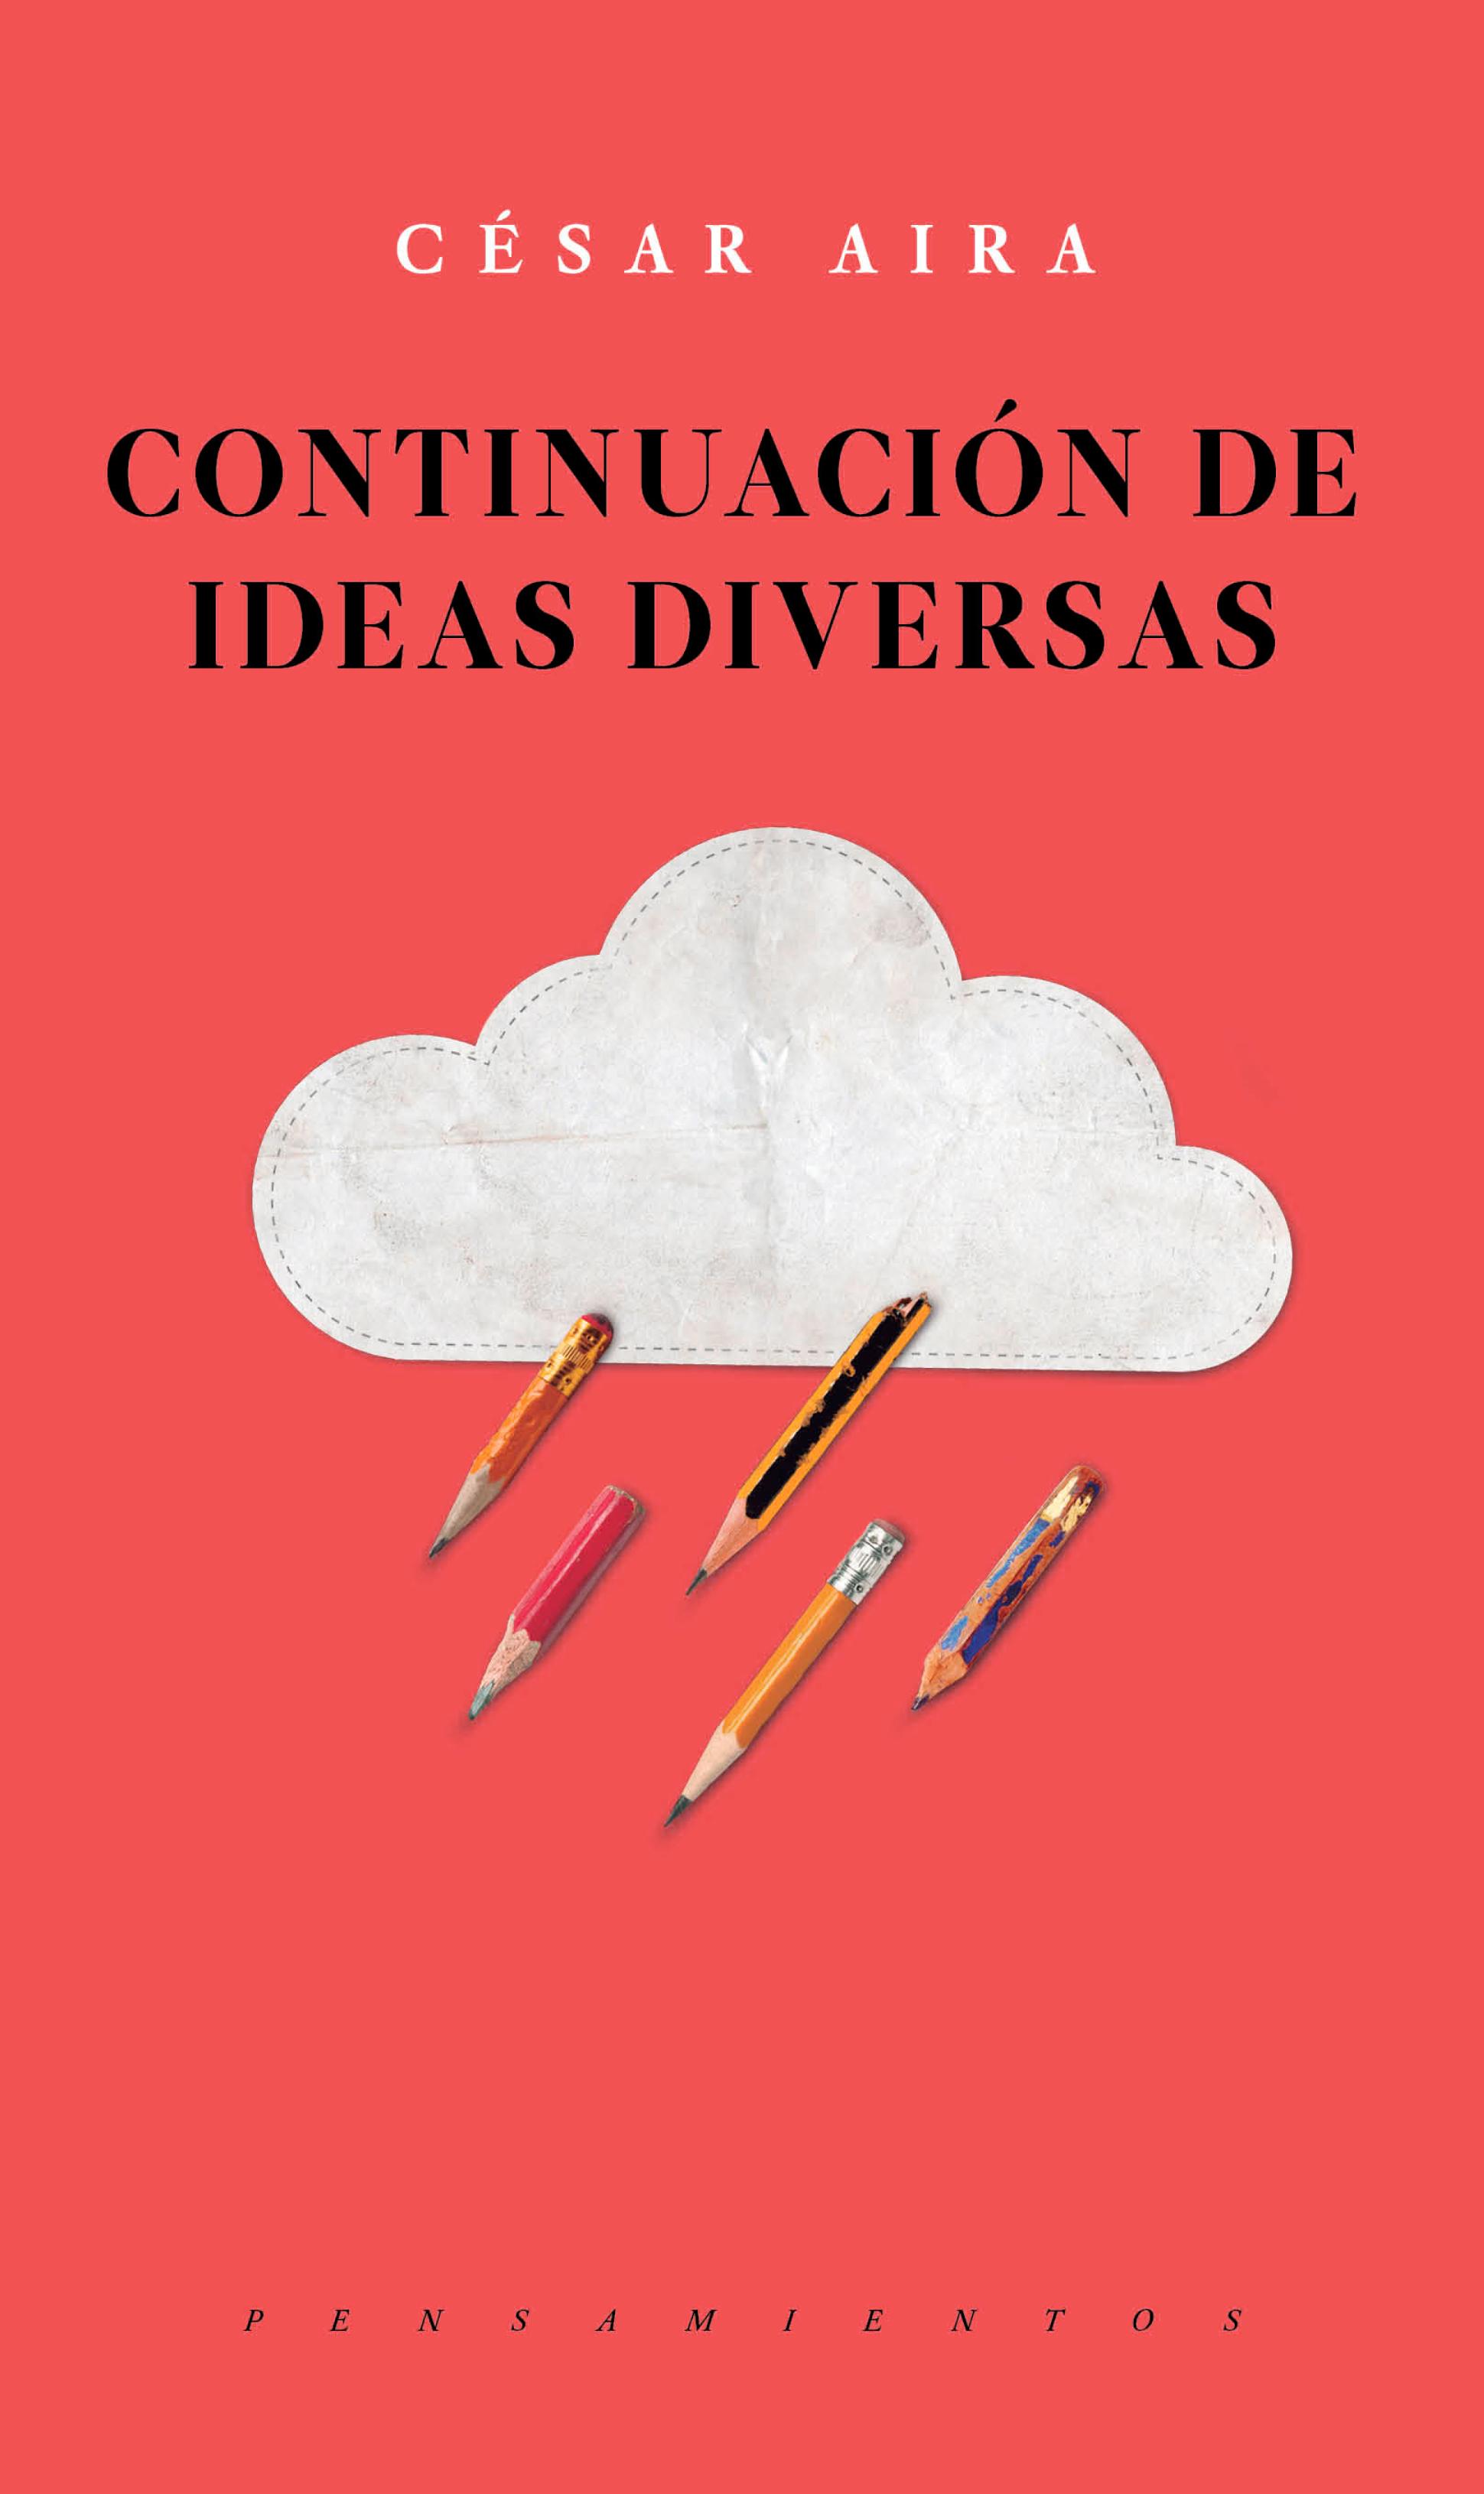 цена на Cesar Aira Continuación de ideas diversas